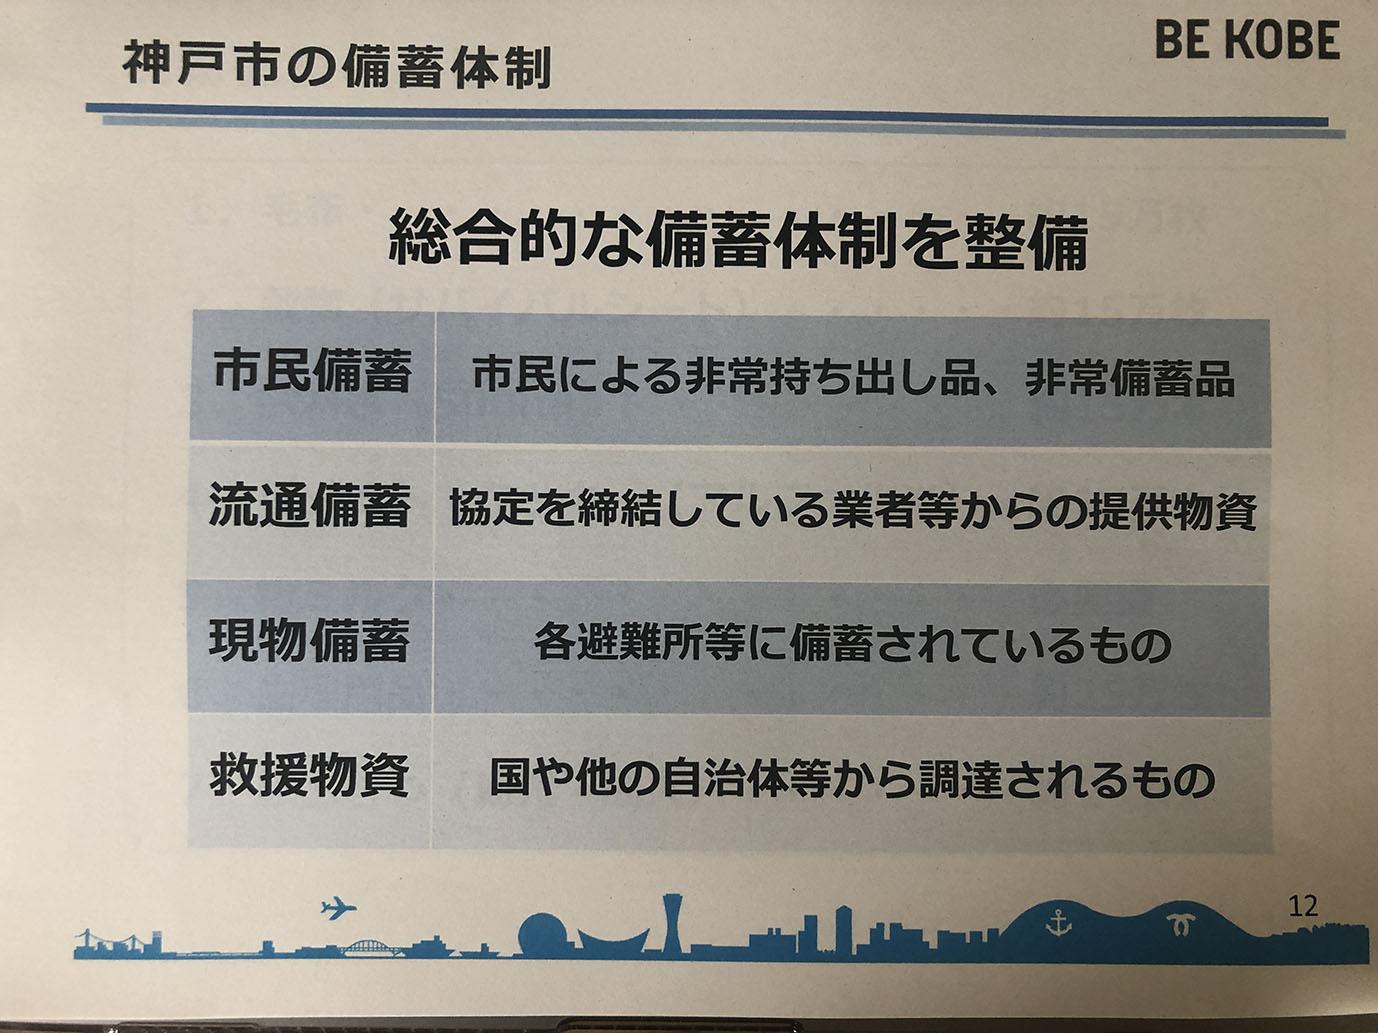 神戸市の備蓄体制4種類の図